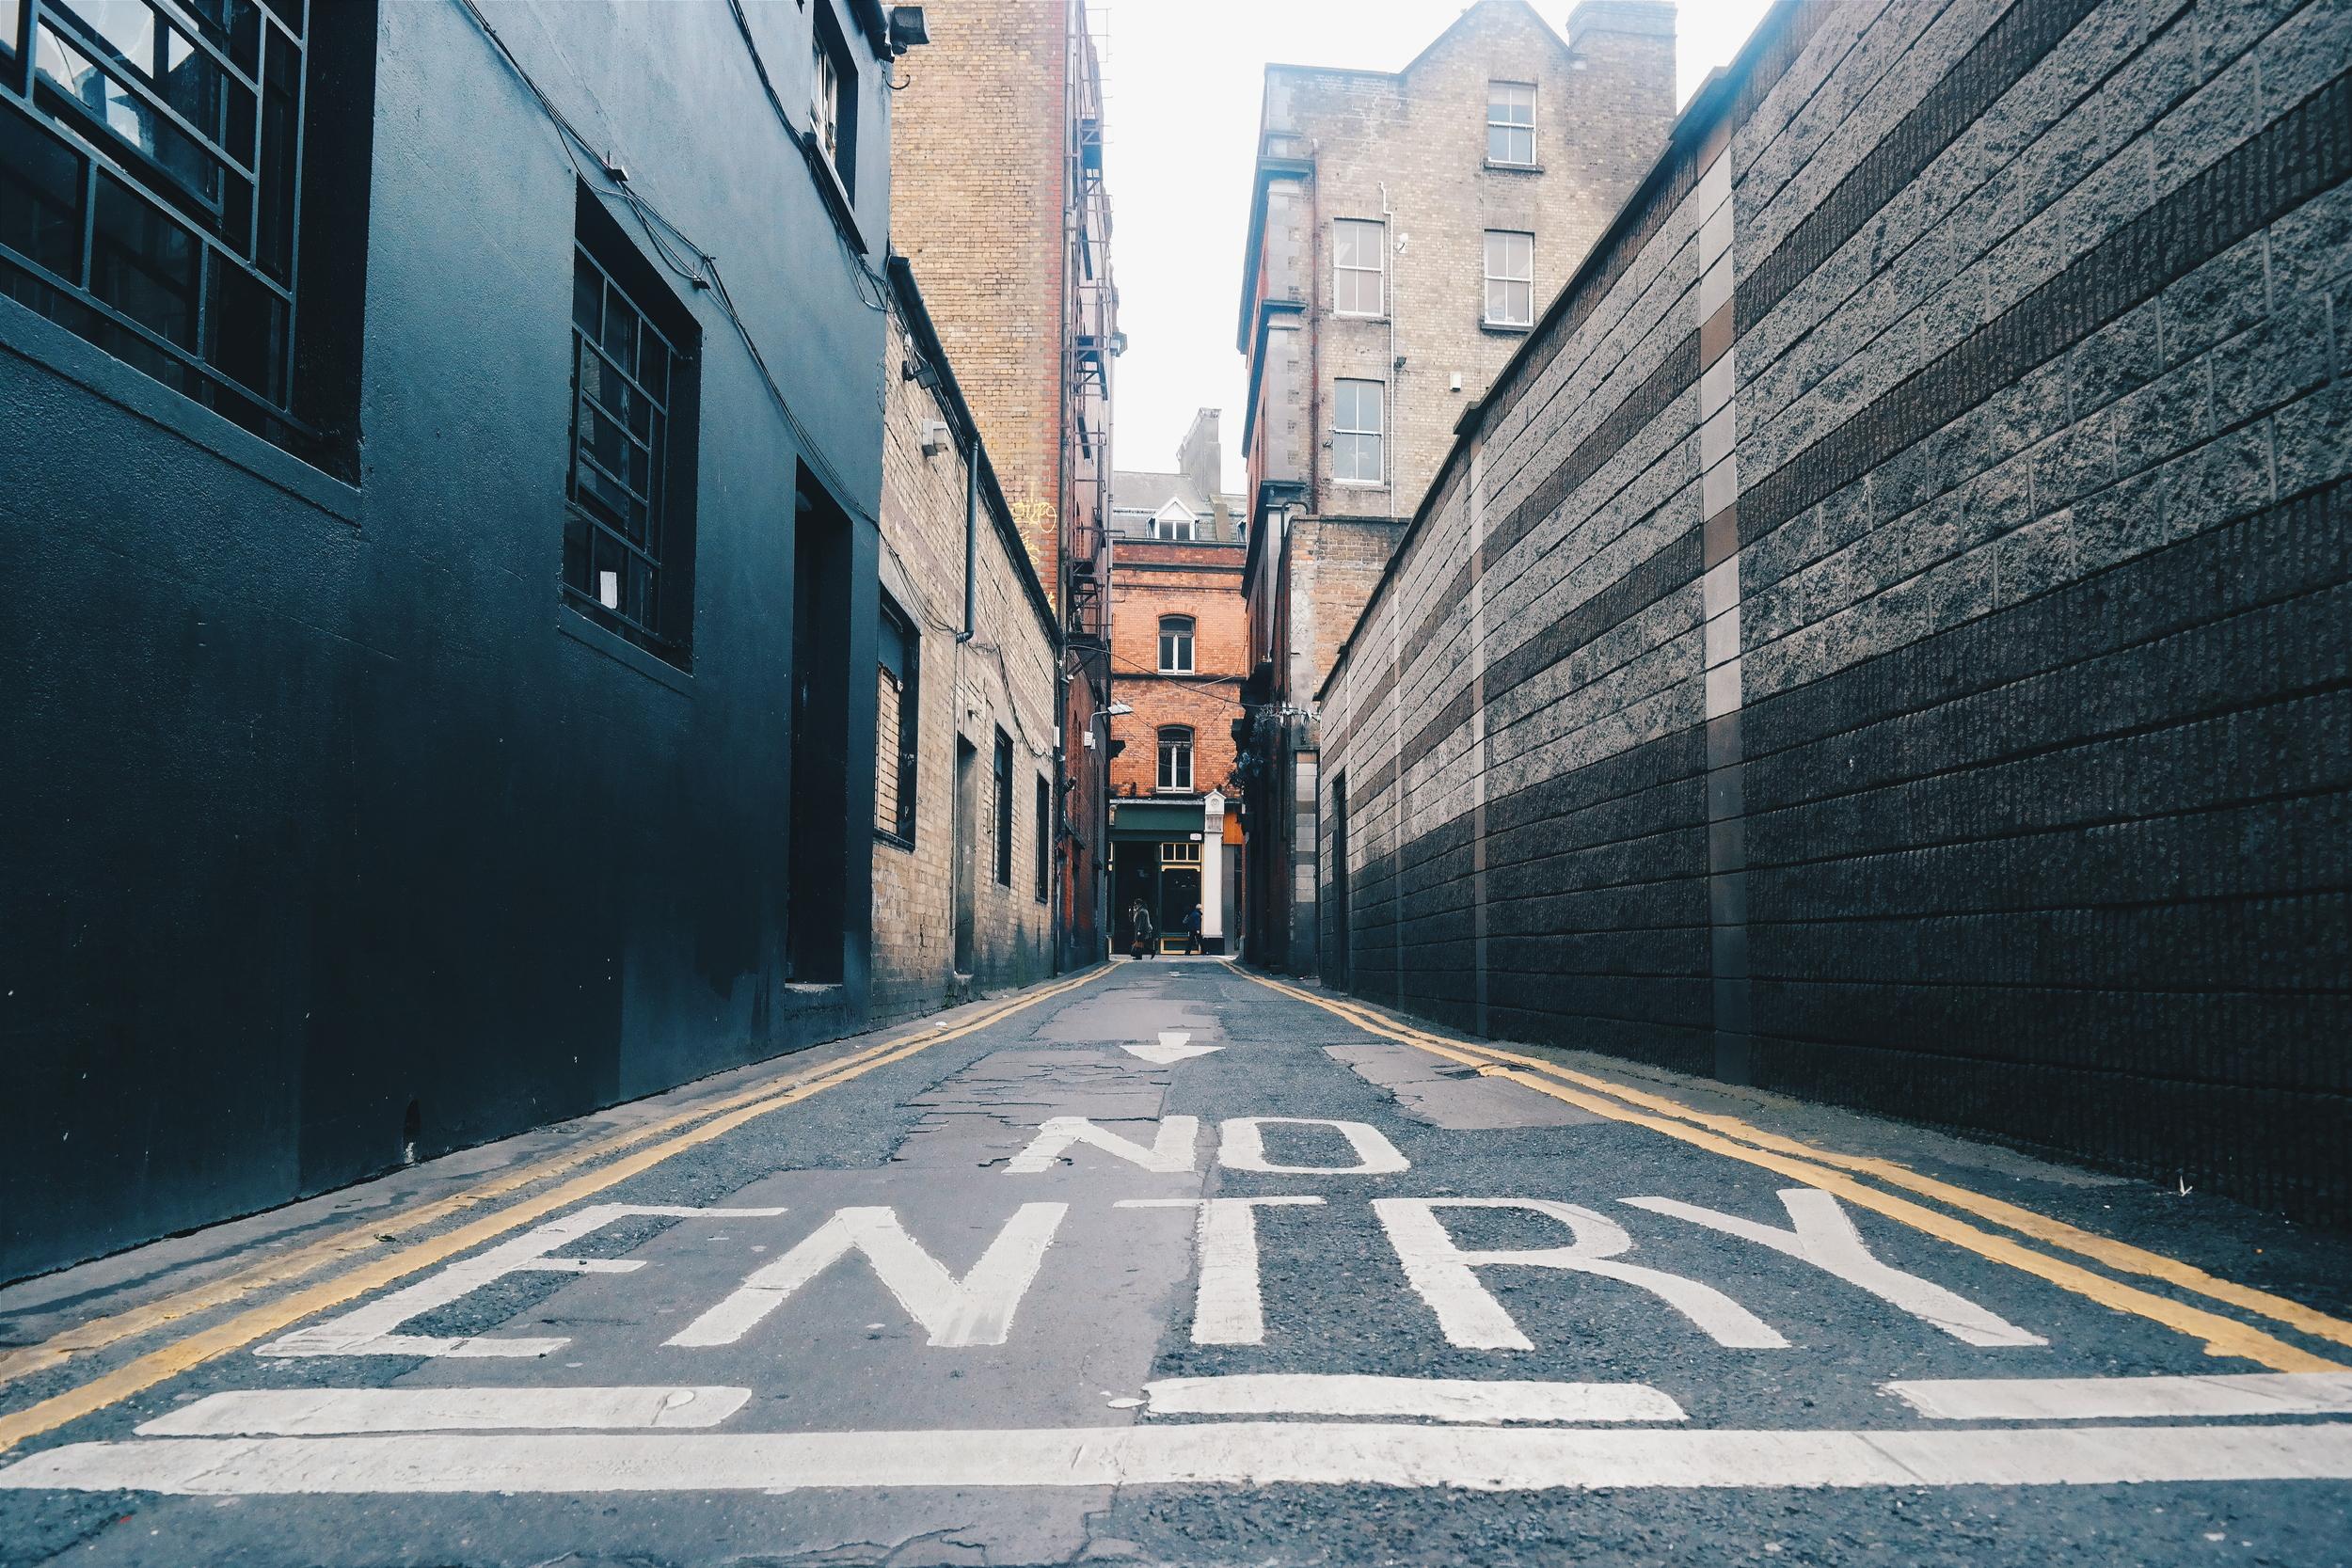 Andrew's Lane